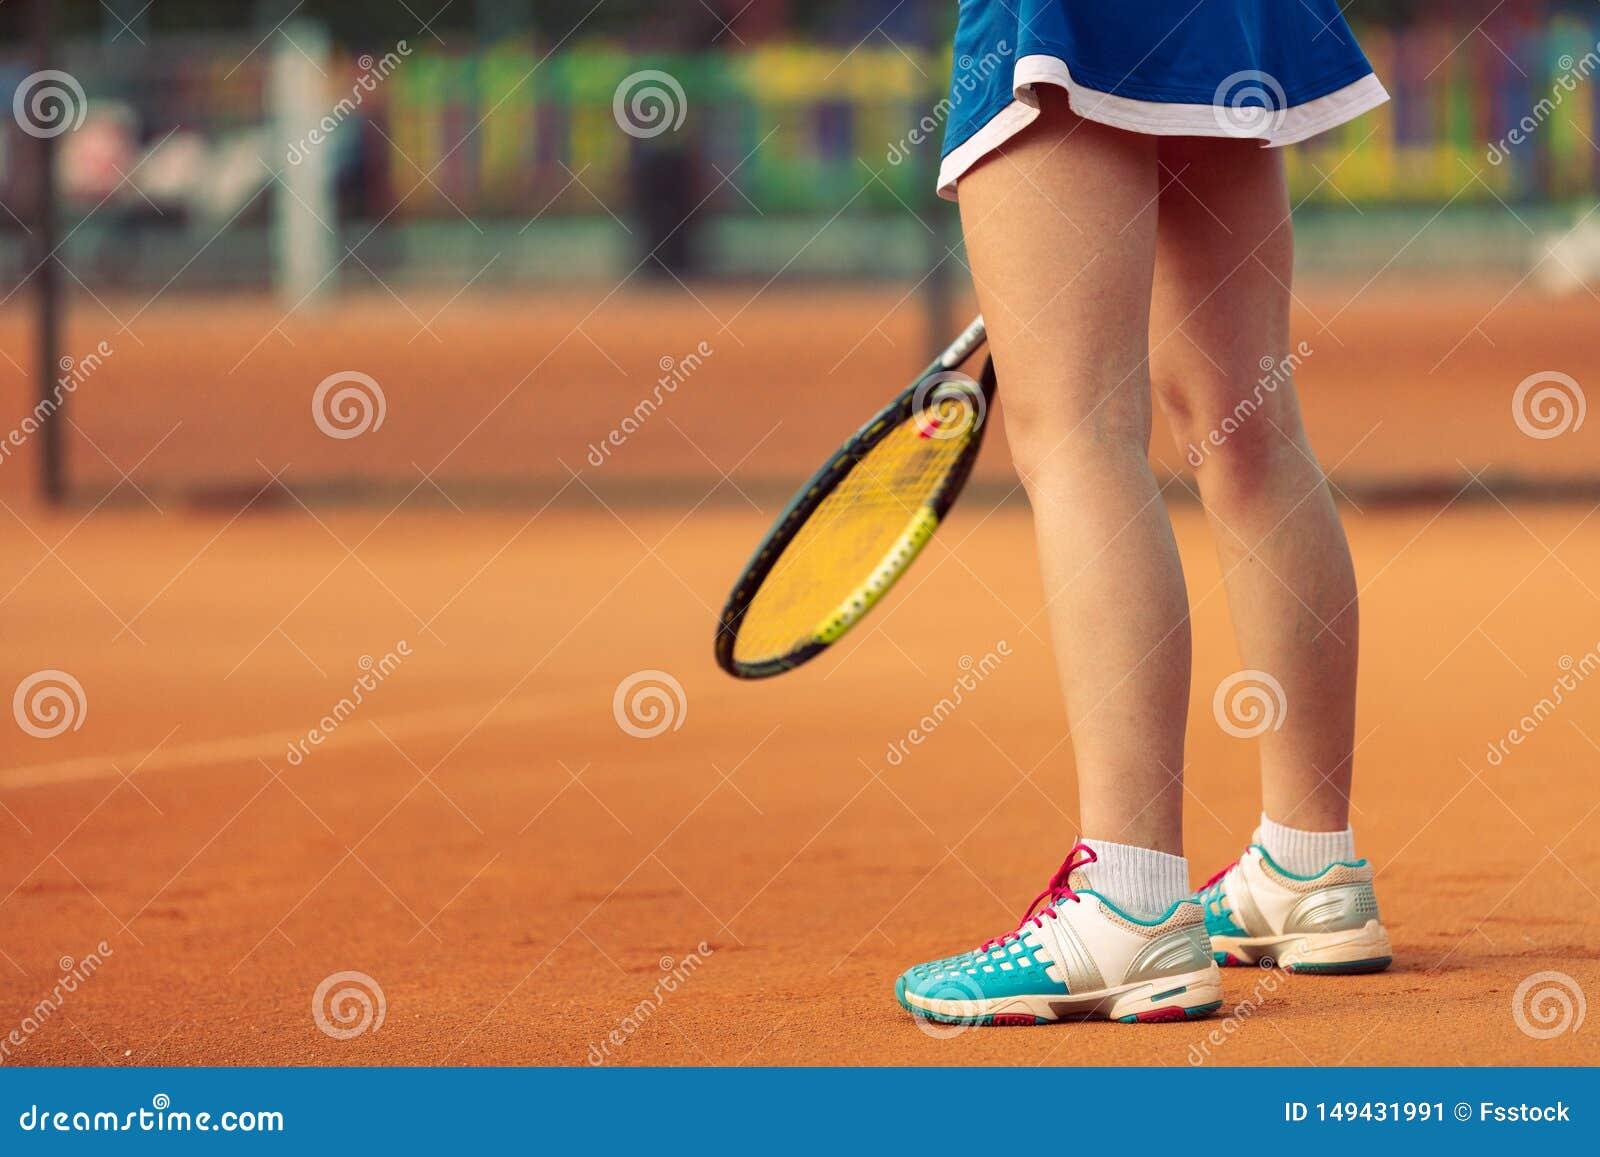 Sch?ner weiblicher Athlet mit dem perfekten K?rper, der oben auf Tennisplatz, Abschluss aufwirft